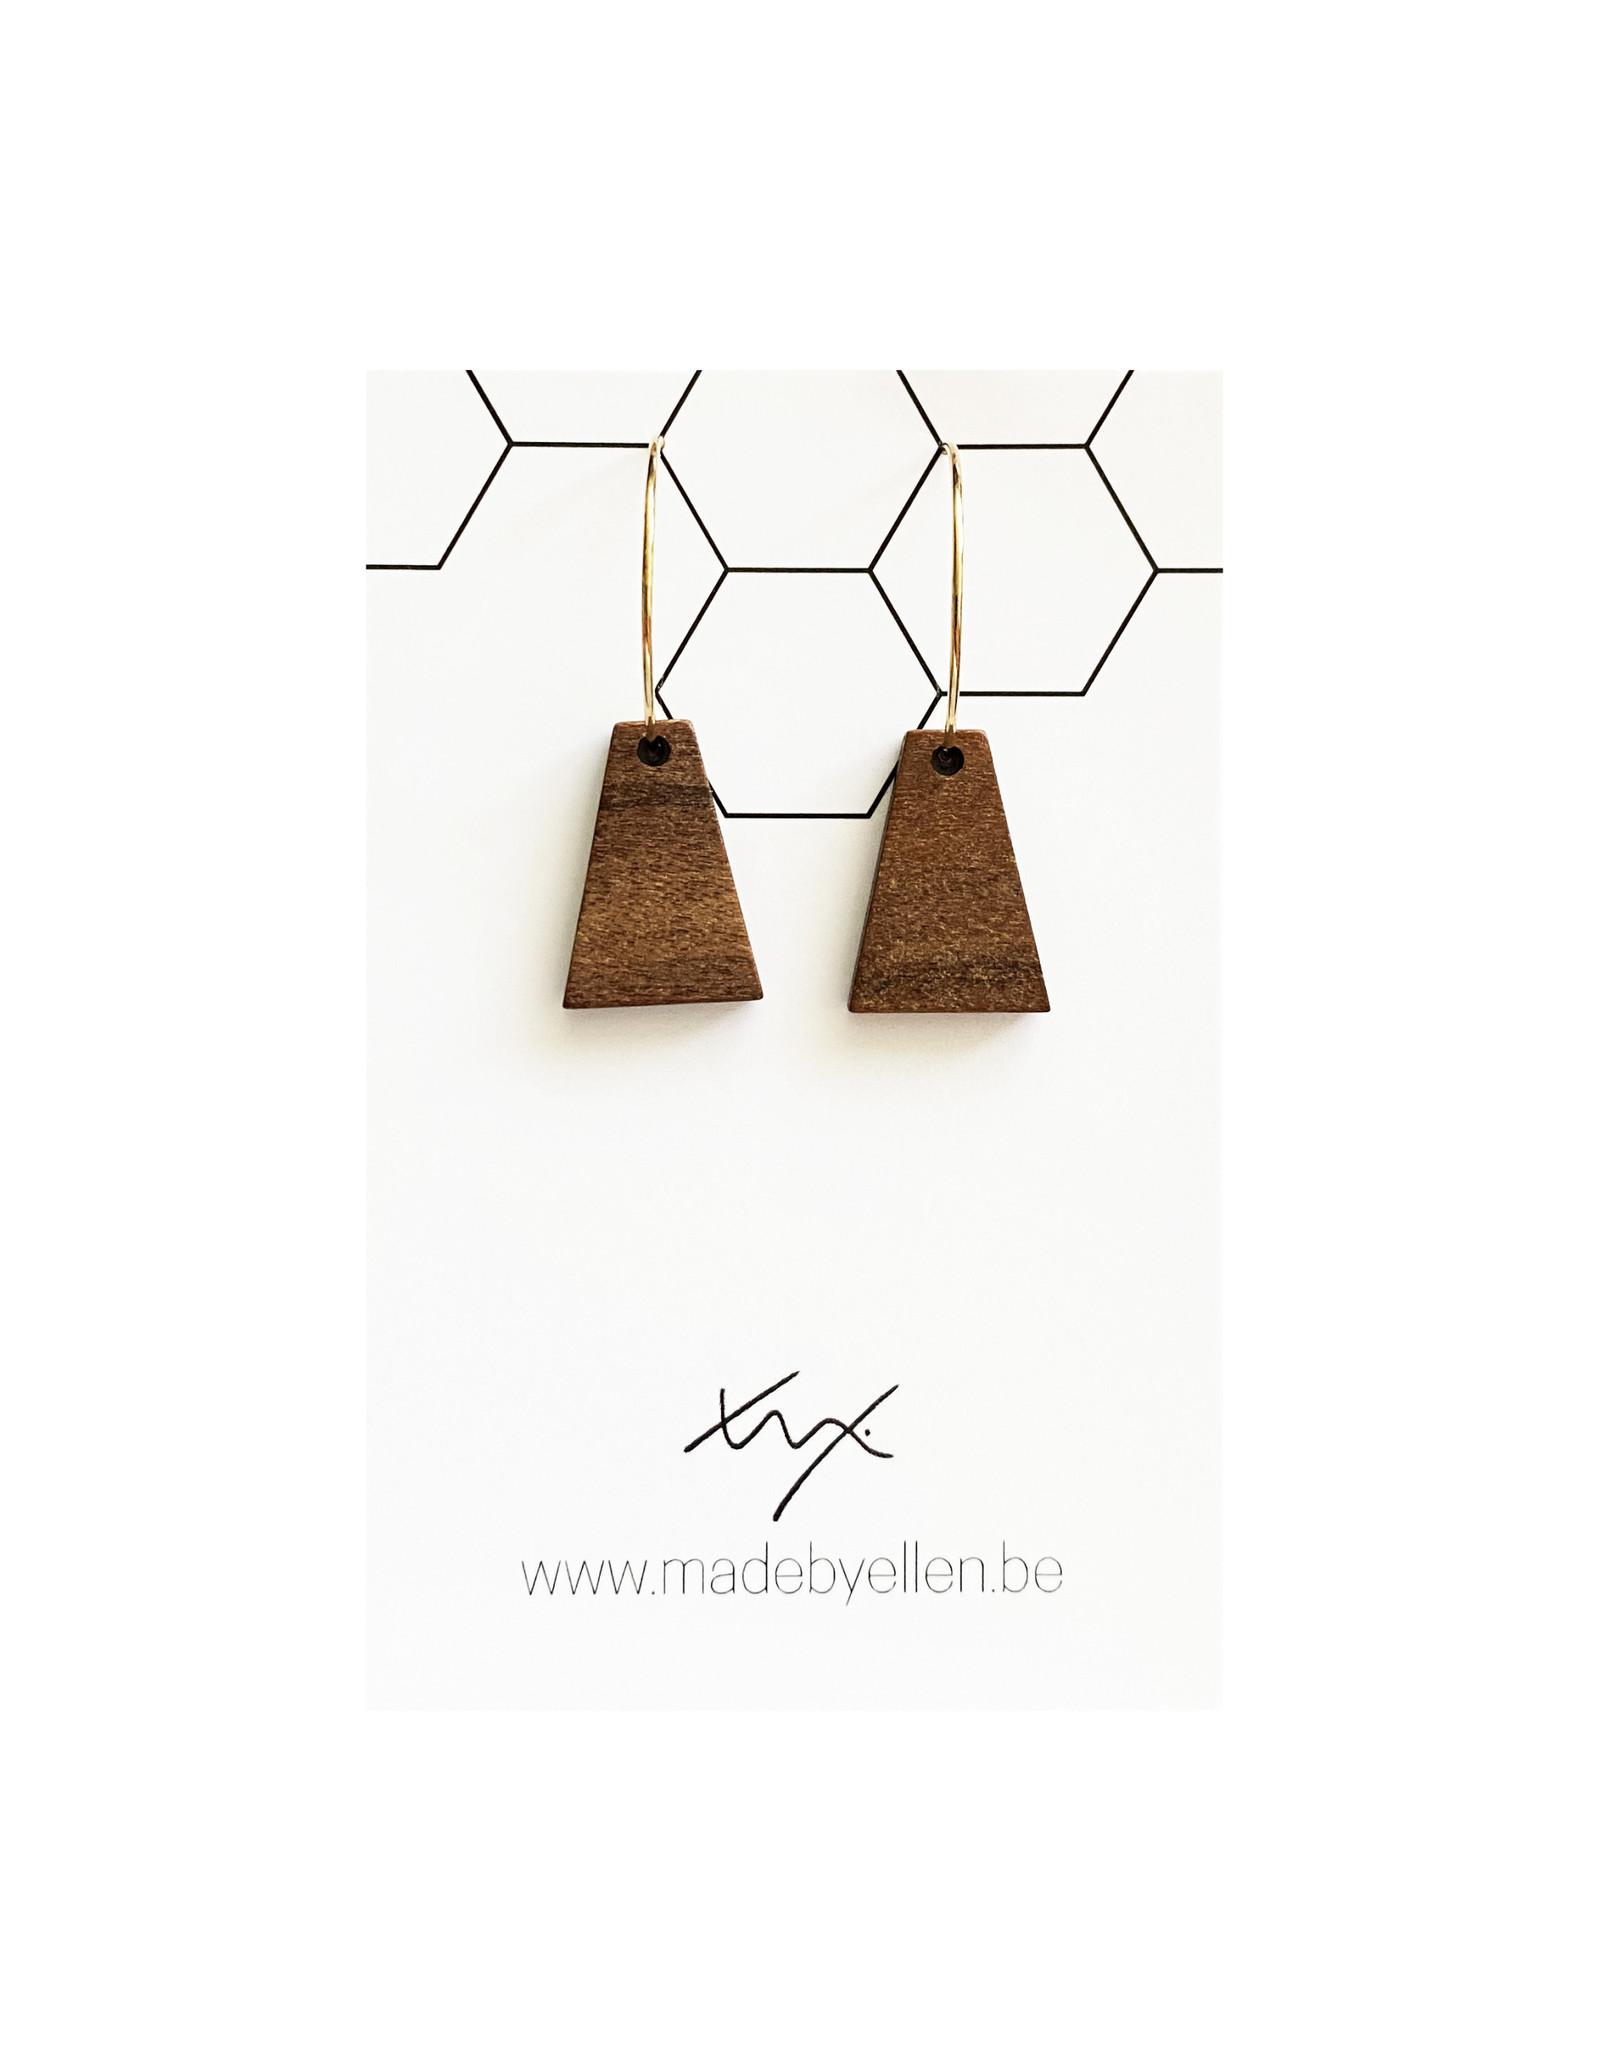 oorbEllen hout triangel creolen